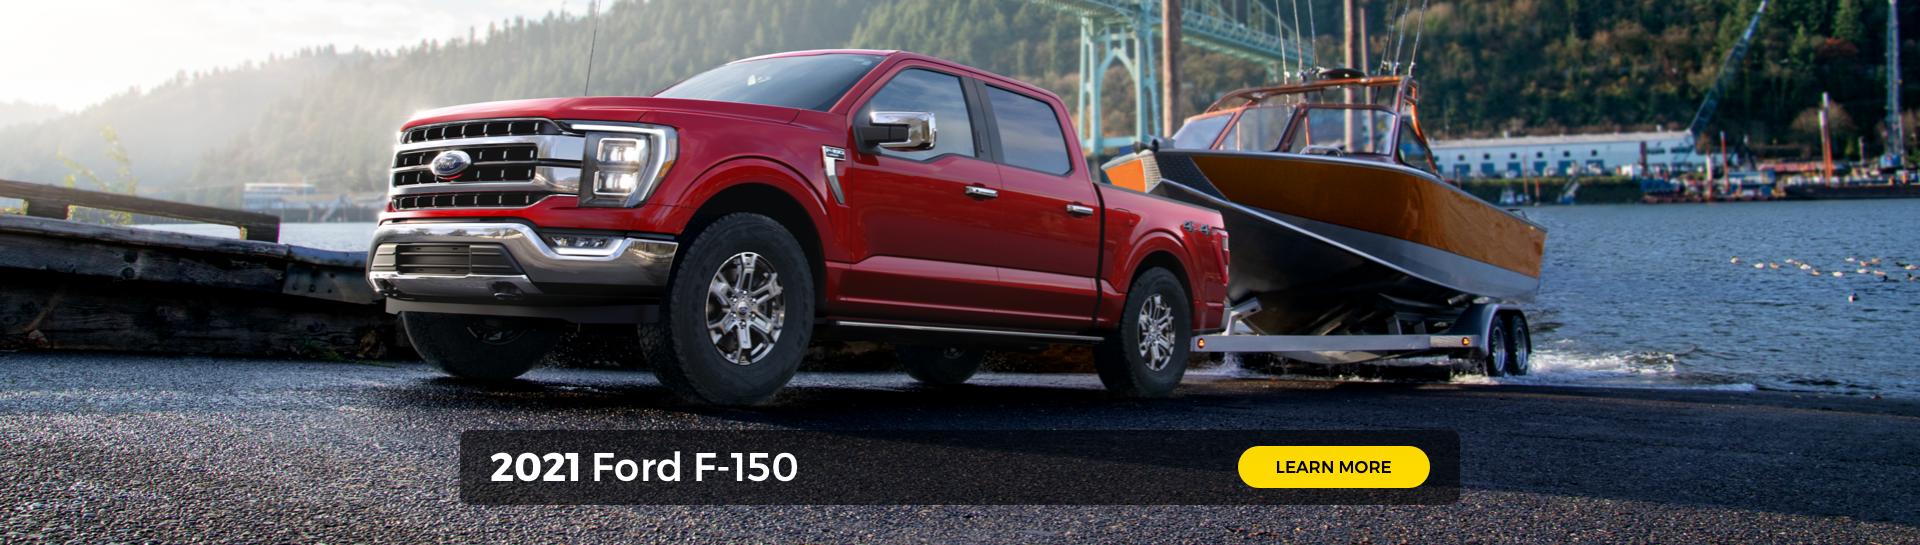 f-150 truck d2 long – top